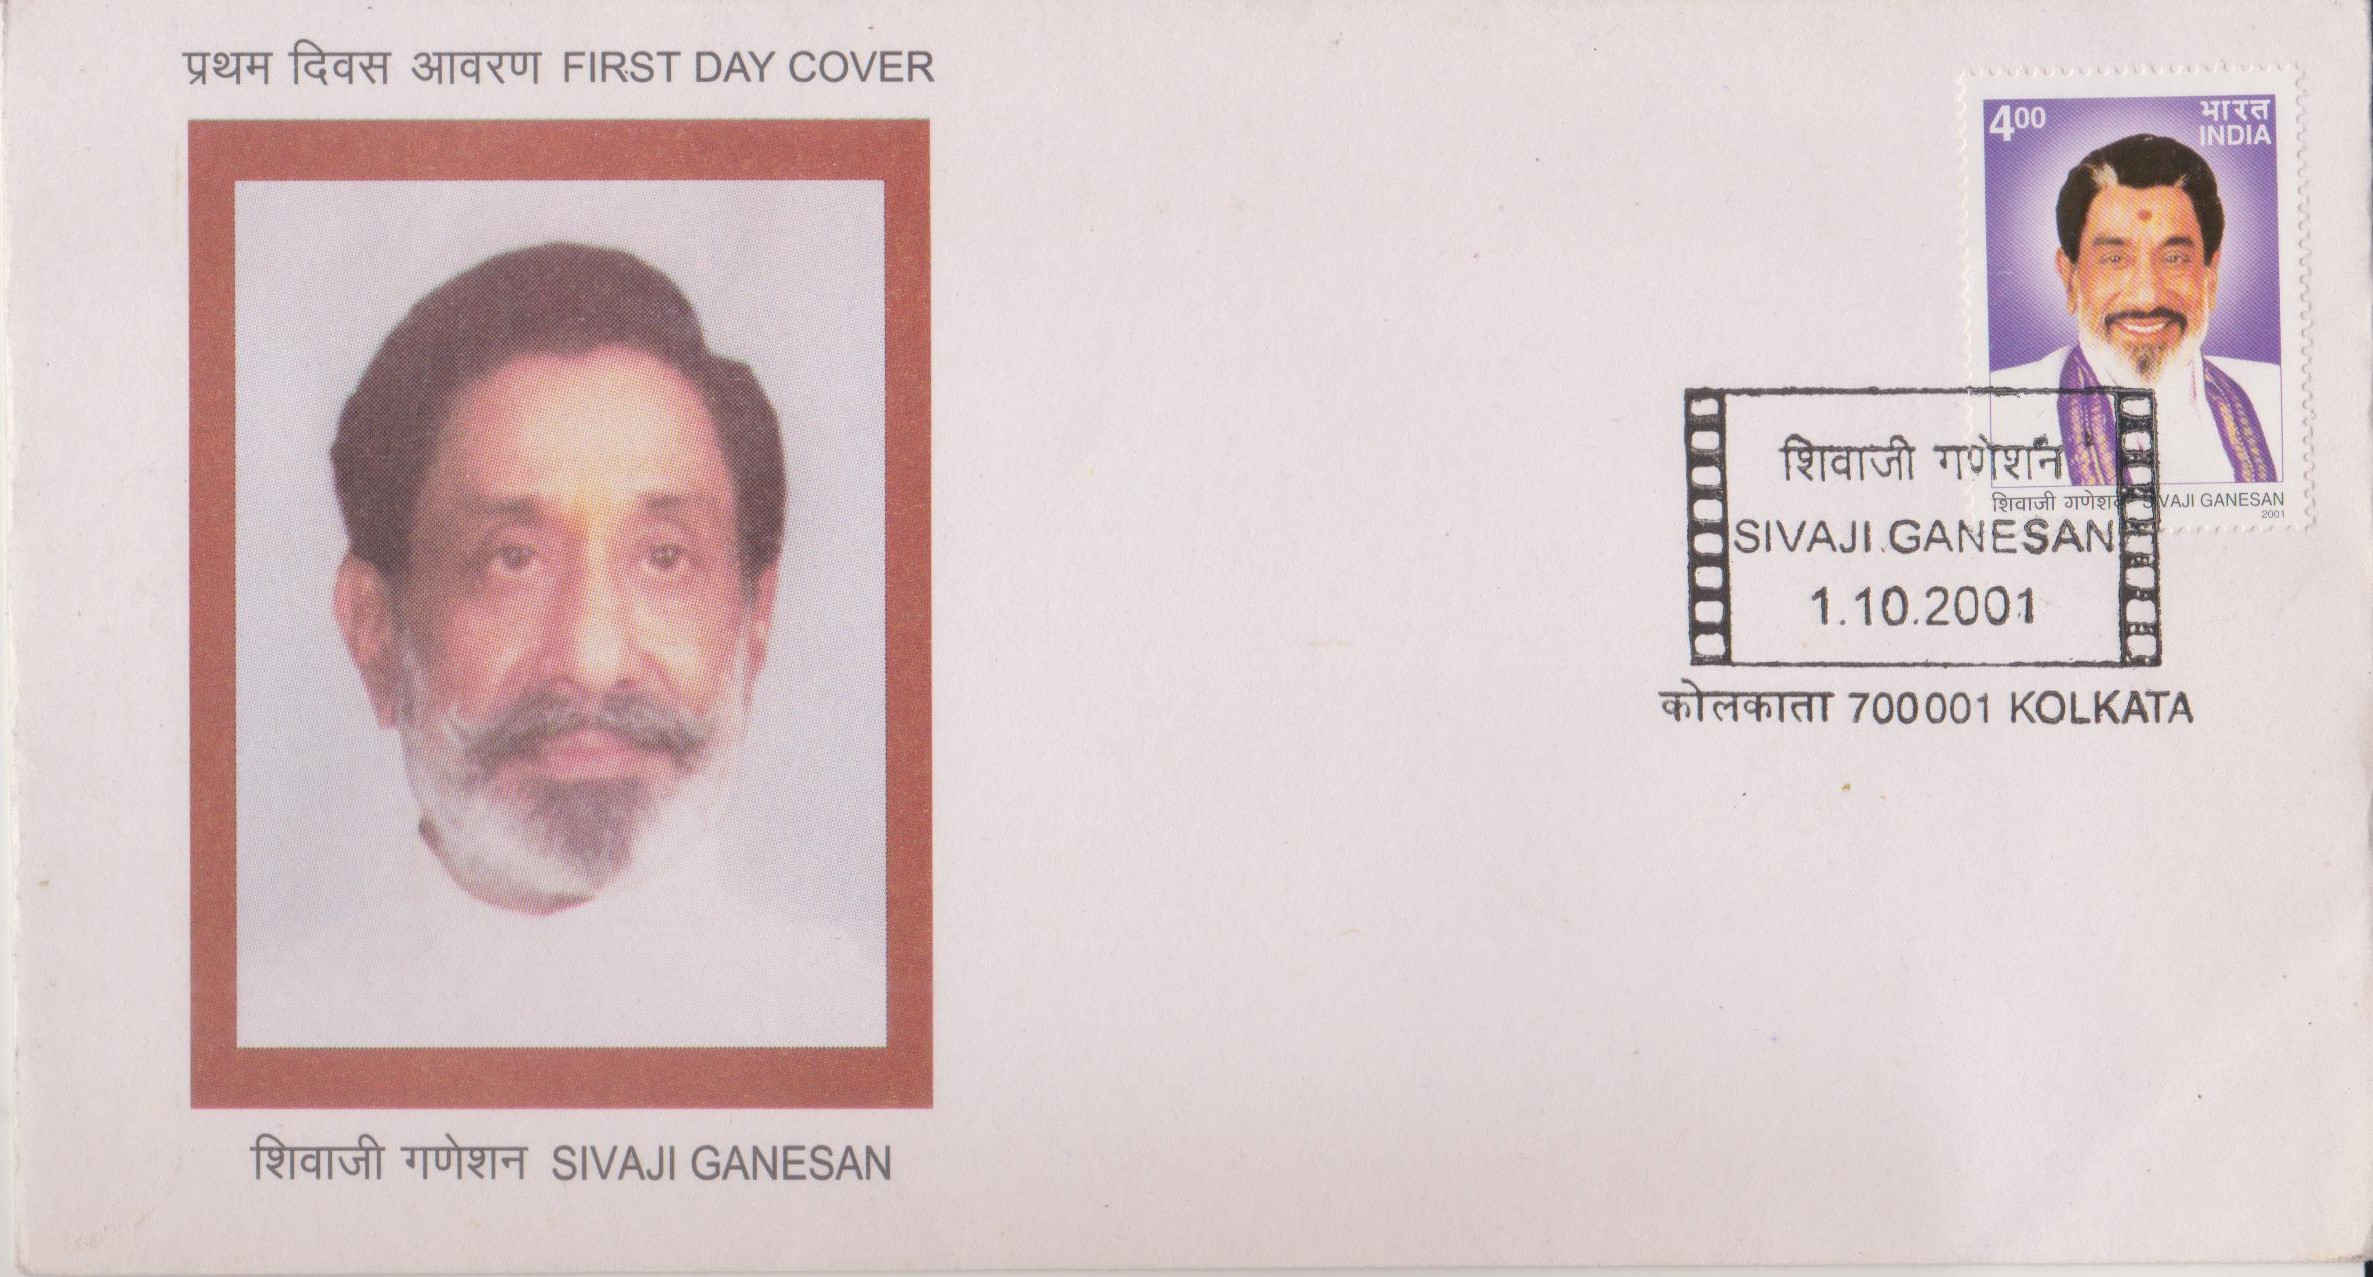 சிவாஜி கணேசன் : தமிழ் சினிமாவில